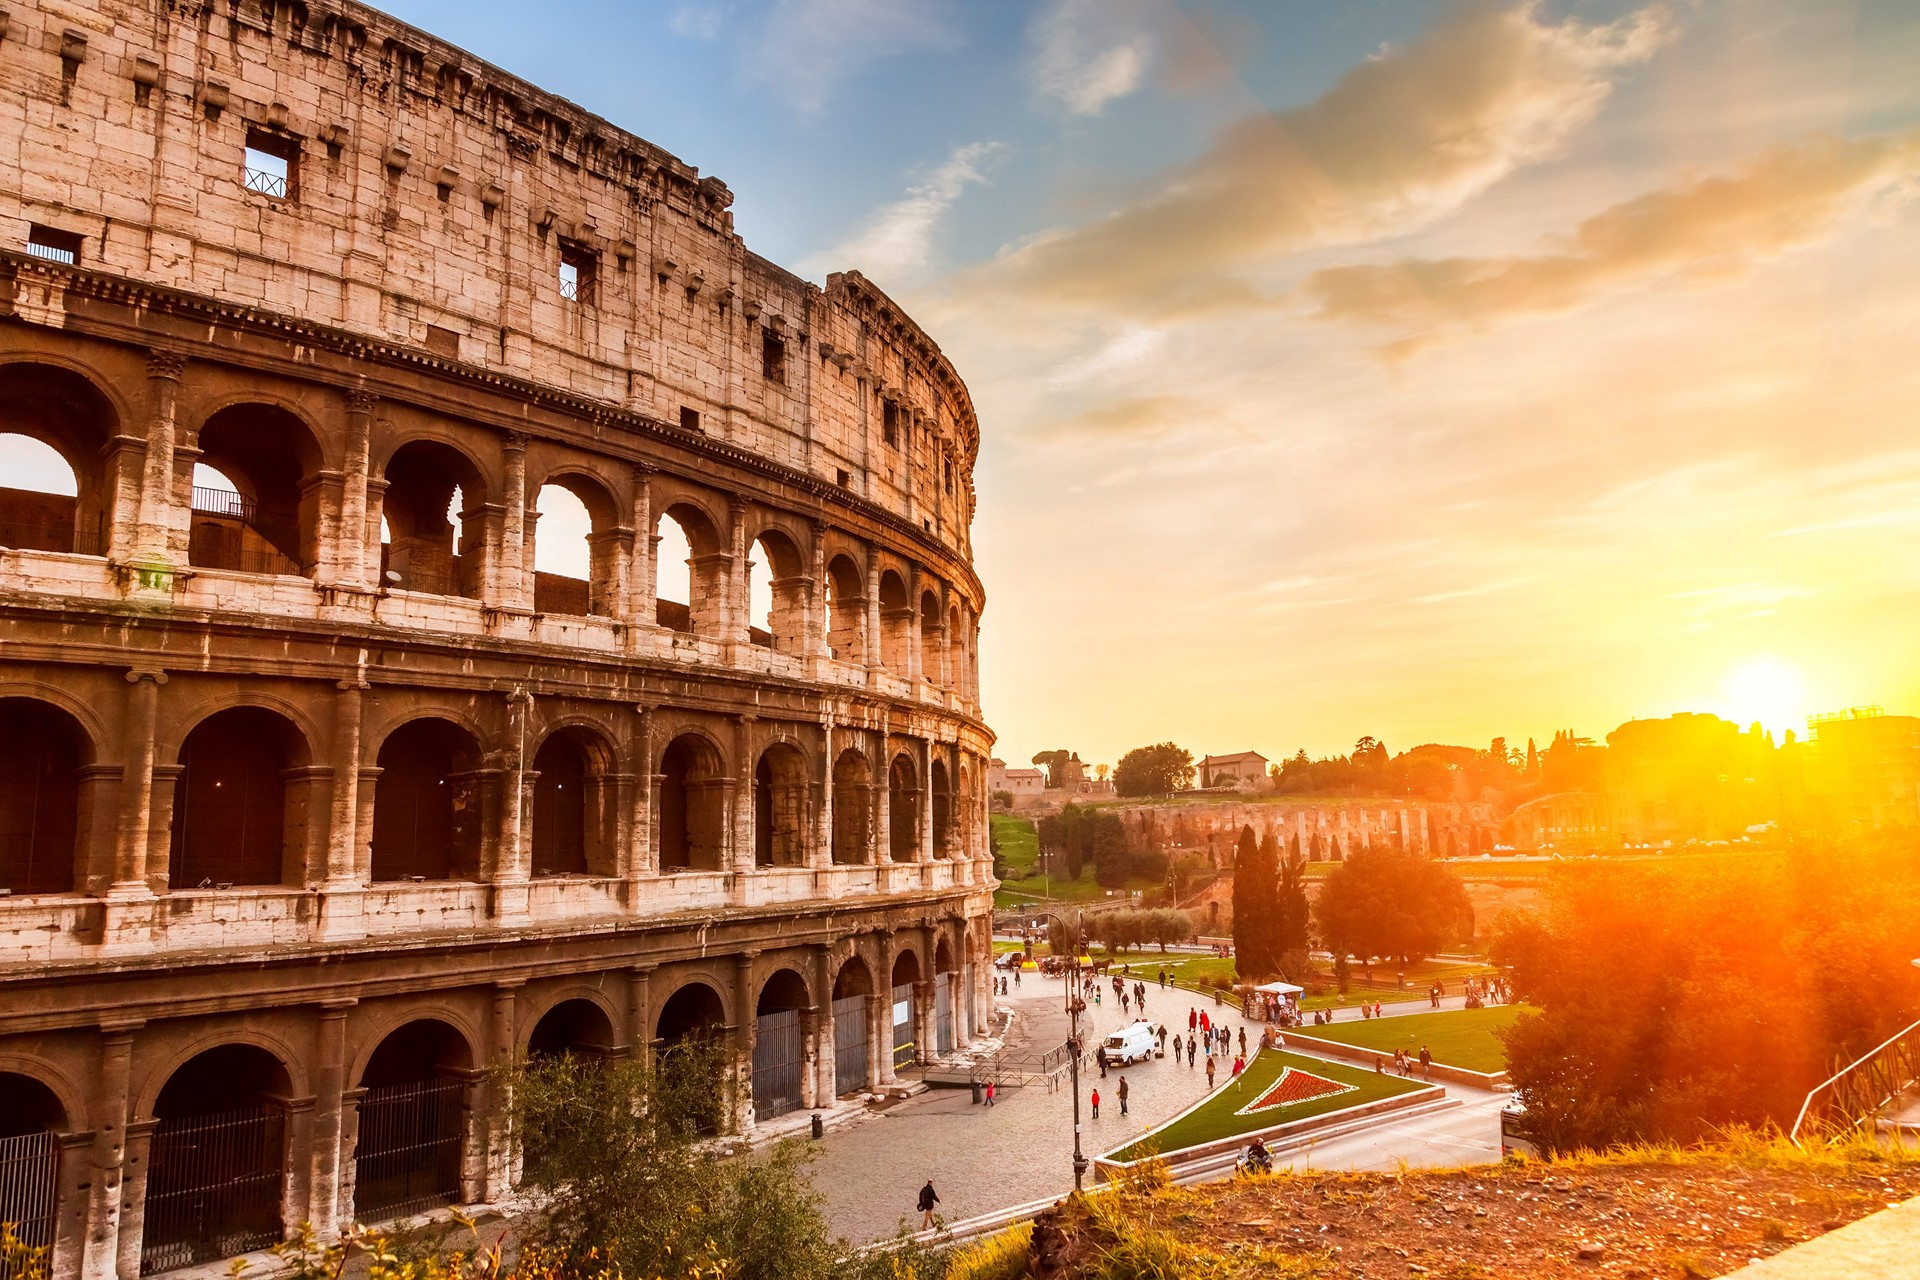 Tempat Wisata di Roma